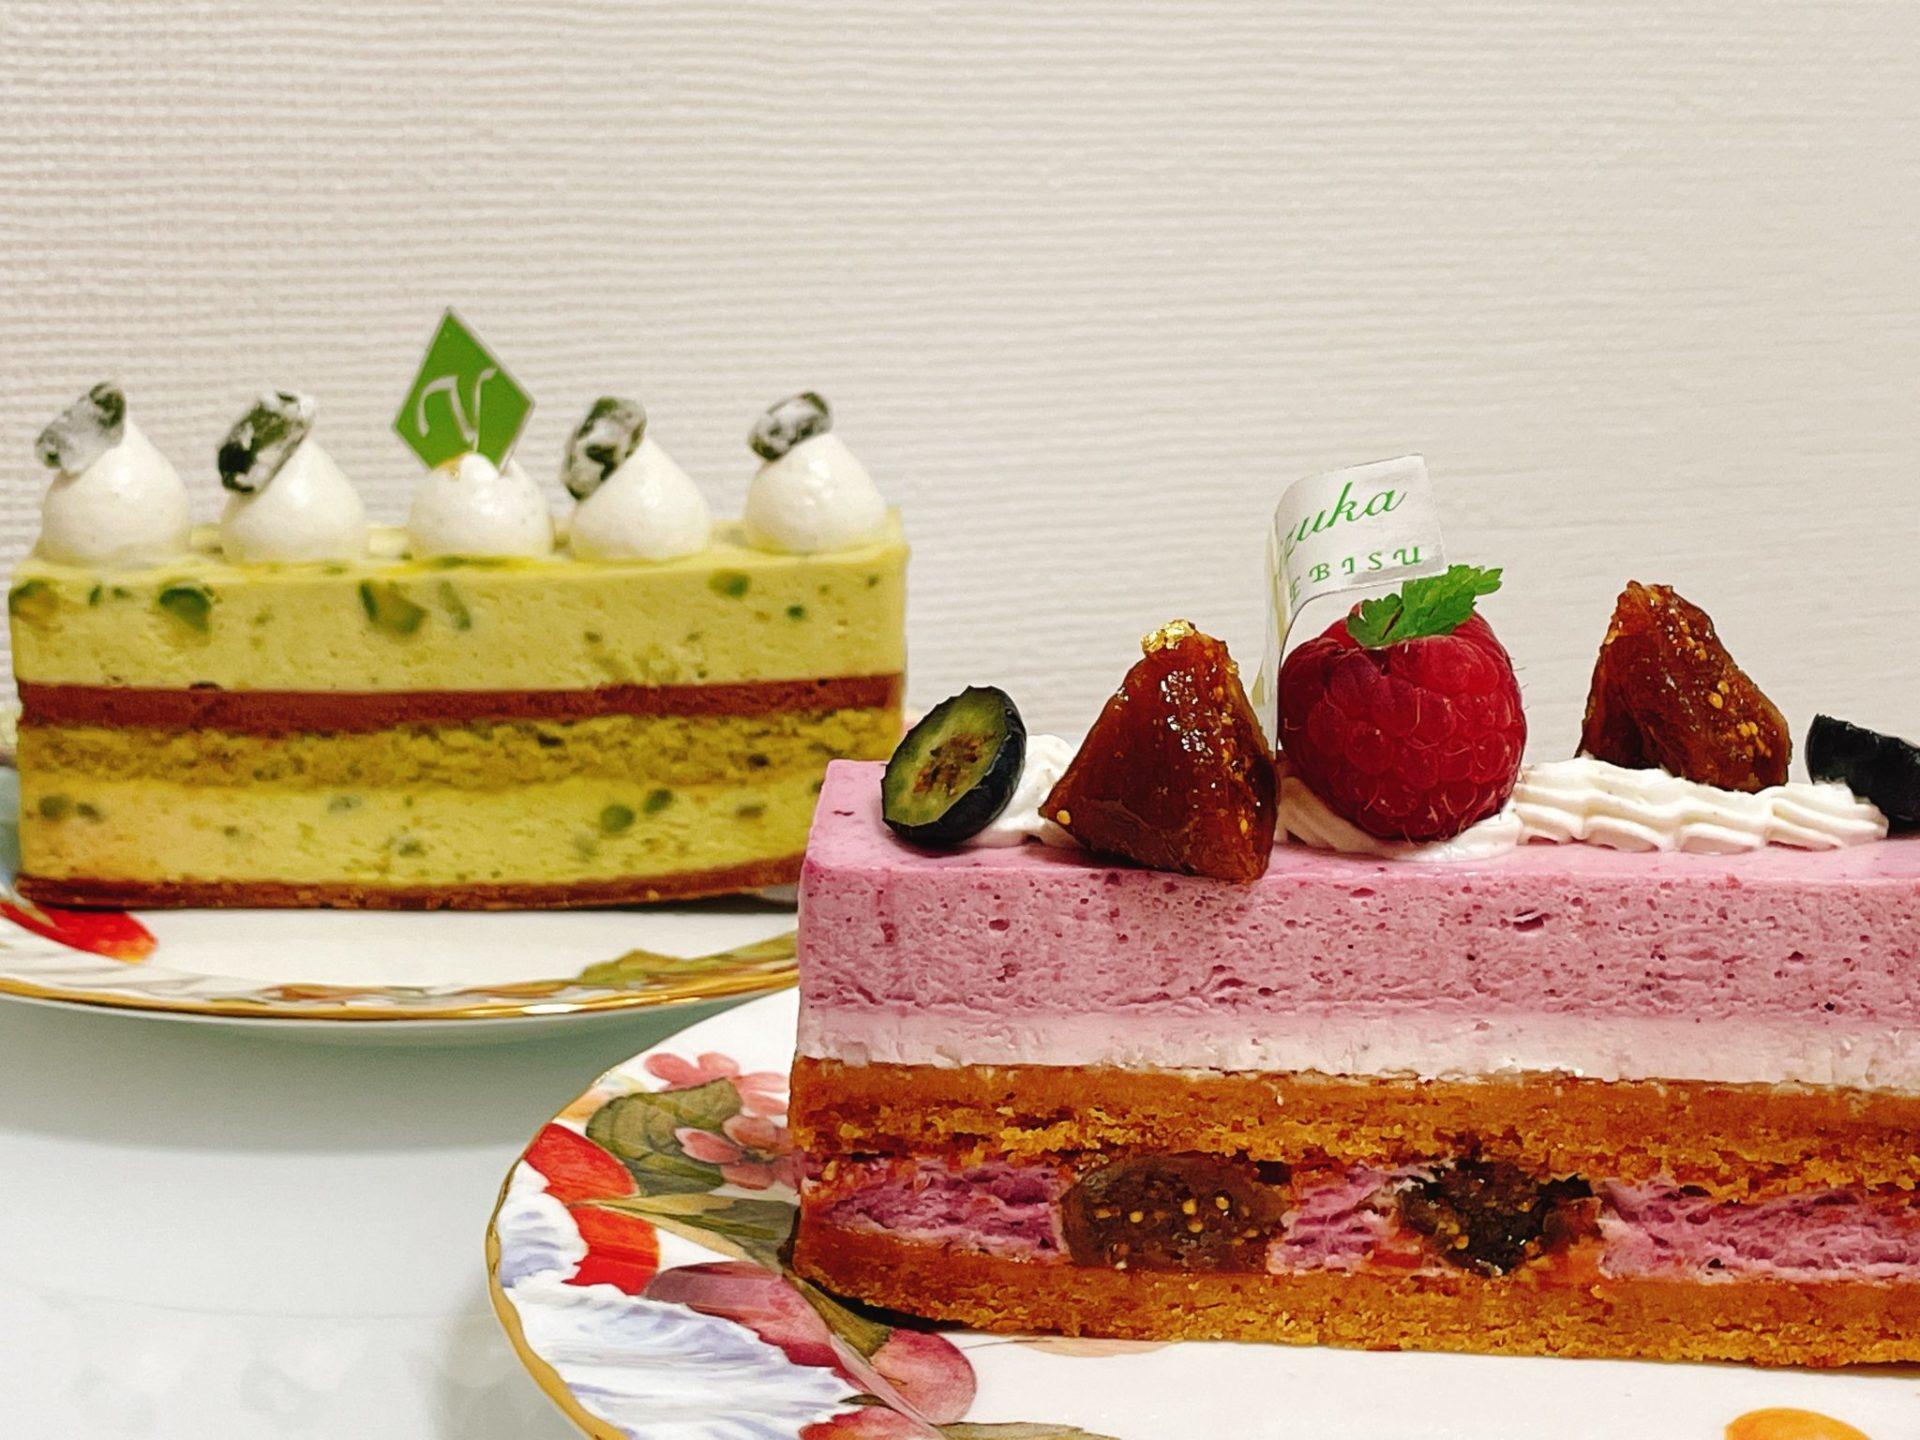 アトリエ・ヨロイヅカ(八幡山)のケーキ